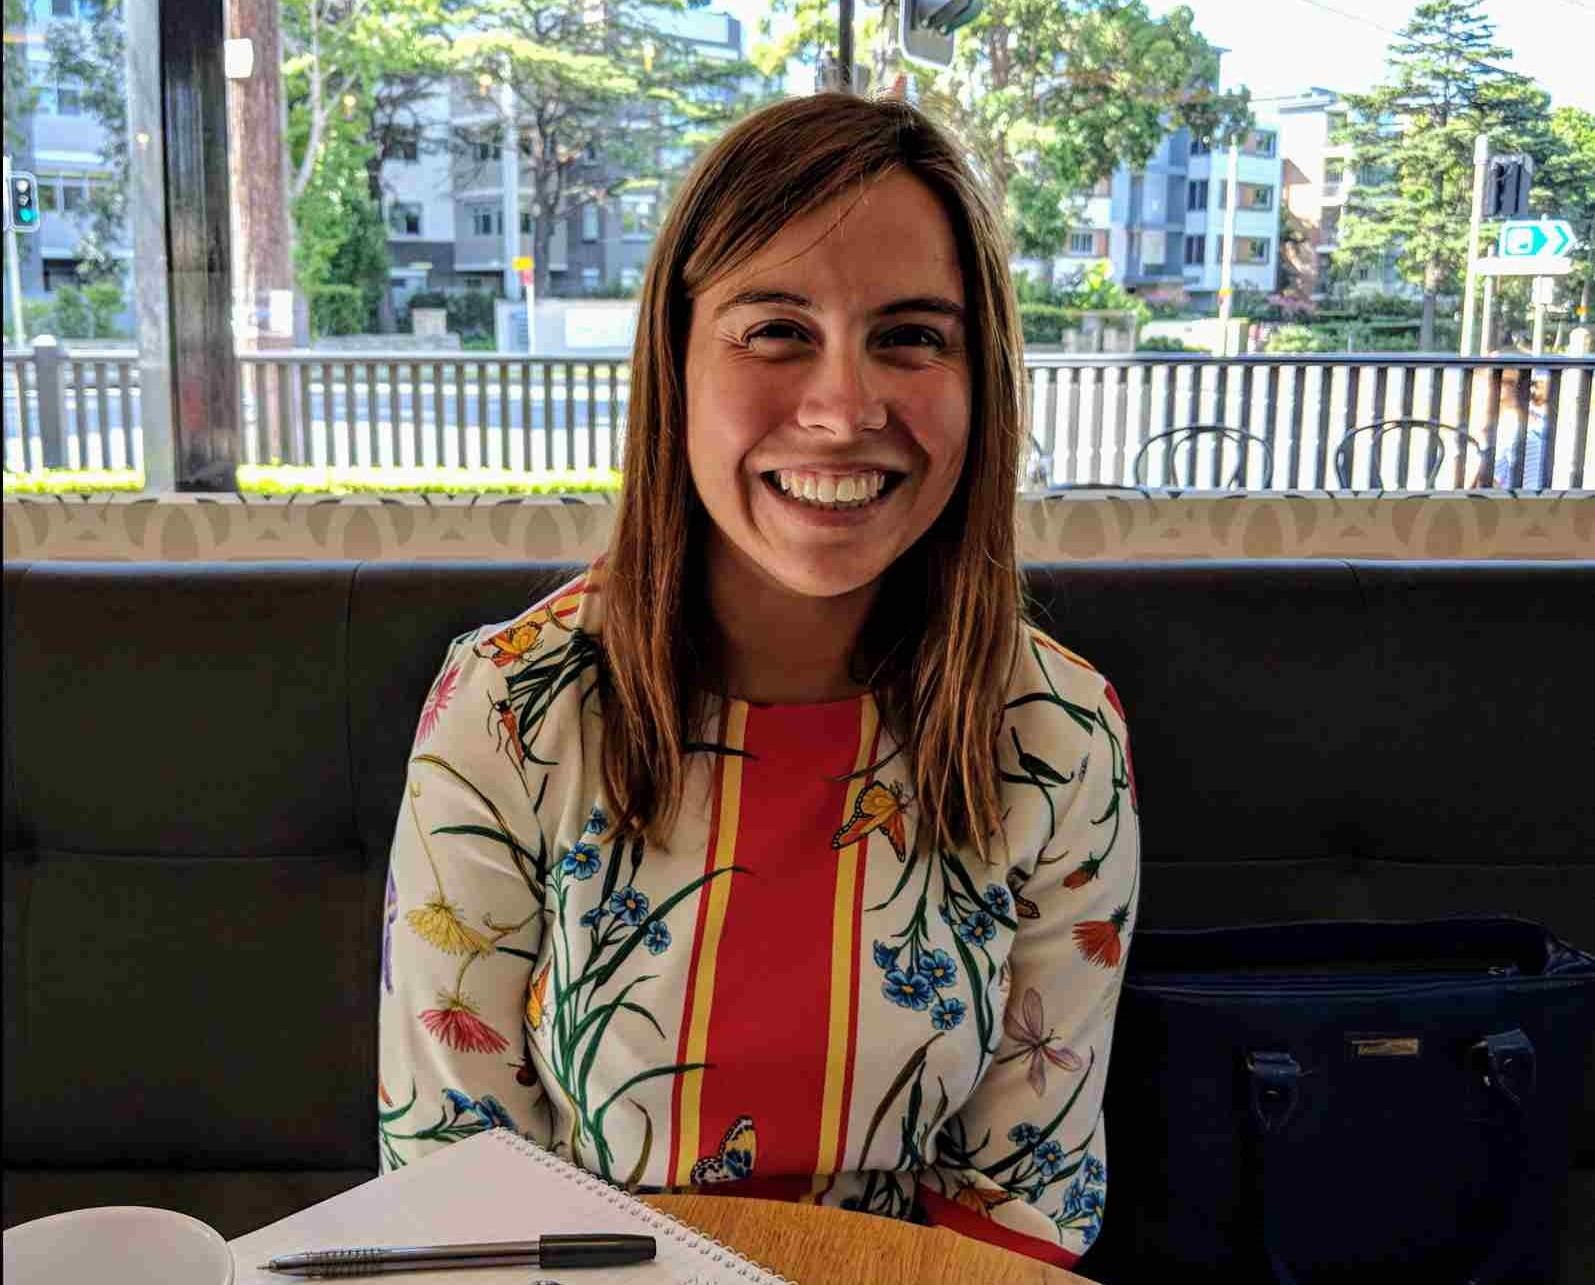 Emma Hall IngramSpark image